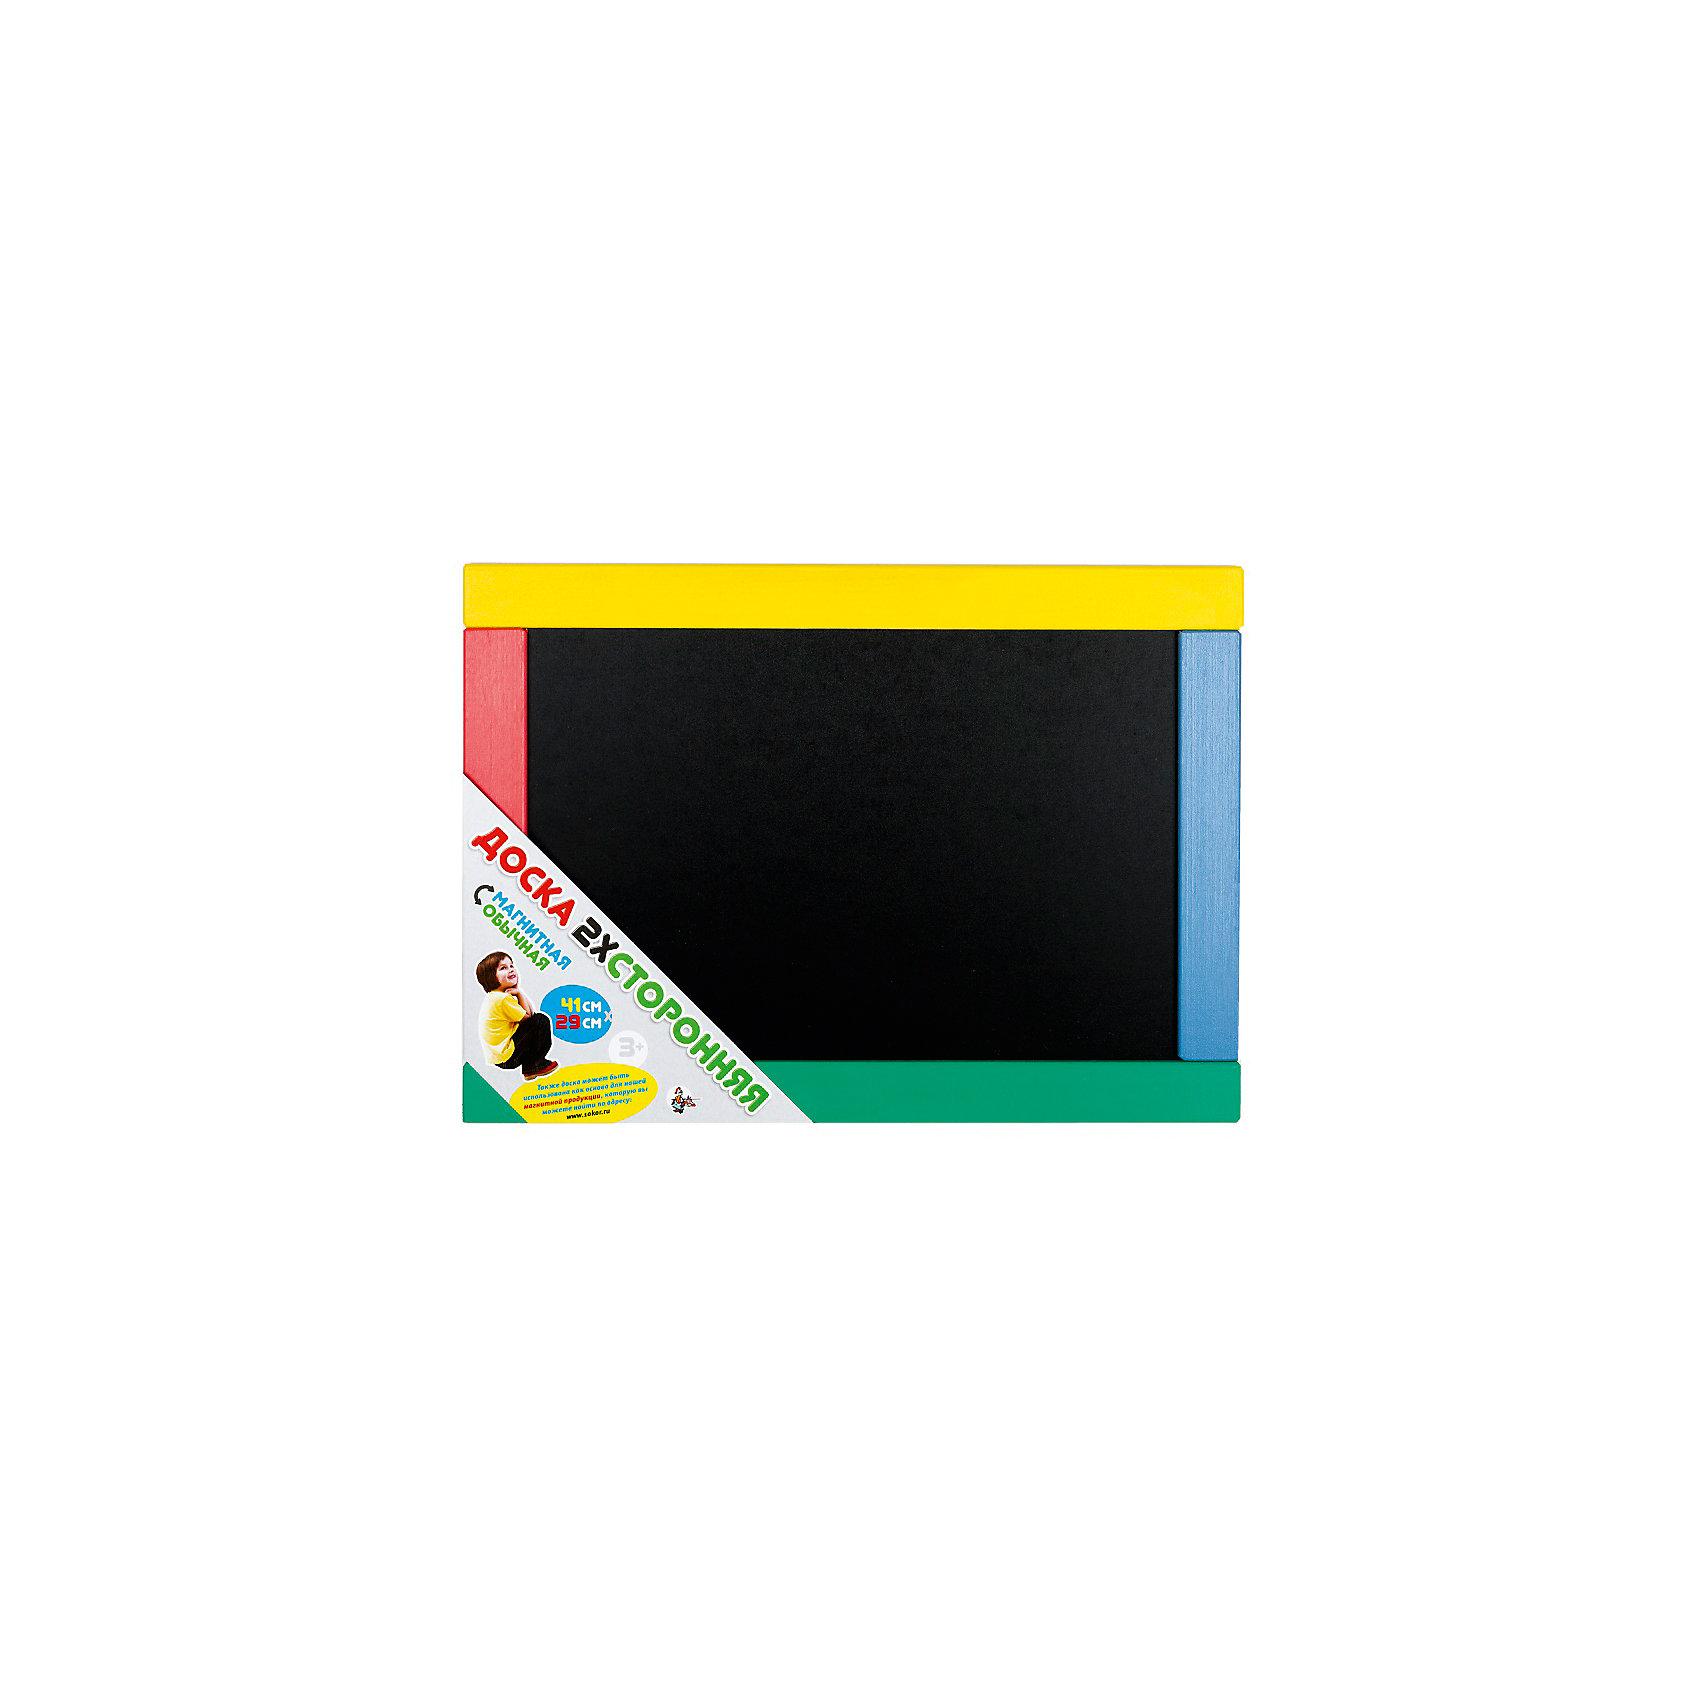 Доска магнитно-маркерная, Десятое королевствоМебель<br>Доска магнитно-маркерная, Десятое королевство<br><br>Характеристики:<br><br>• Возраст: от 5 лет<br>• Габаритный размер: 41х29 см <br>• Размер игрового поля: 34х22см <br>• Рамка: цветная<br>• В комплекте: доска, сумка ПВХ<br><br>Эта магнитная доска может использоваться самым различным образом - как для простого детского творчества, так и для обучения ребенка буквам и основам счета . Одна сторона доски пригодна для рисования мелом, другая - для магнитов и специальных маркеров. Бесцветную рамку ребенок сможет сам раскрасить по своему желанию.<br><br>Доска магнитно-маркерная, Десятое королевство можно купить в нашем интернет-магазине.<br><br>Ширина мм: 410<br>Глубина мм: 295<br>Высота мм: 15<br>Вес г: 814<br>Возраст от месяцев: 36<br>Возраст до месяцев: 60<br>Пол: Унисекс<br>Возраст: Детский<br>SKU: 5471710